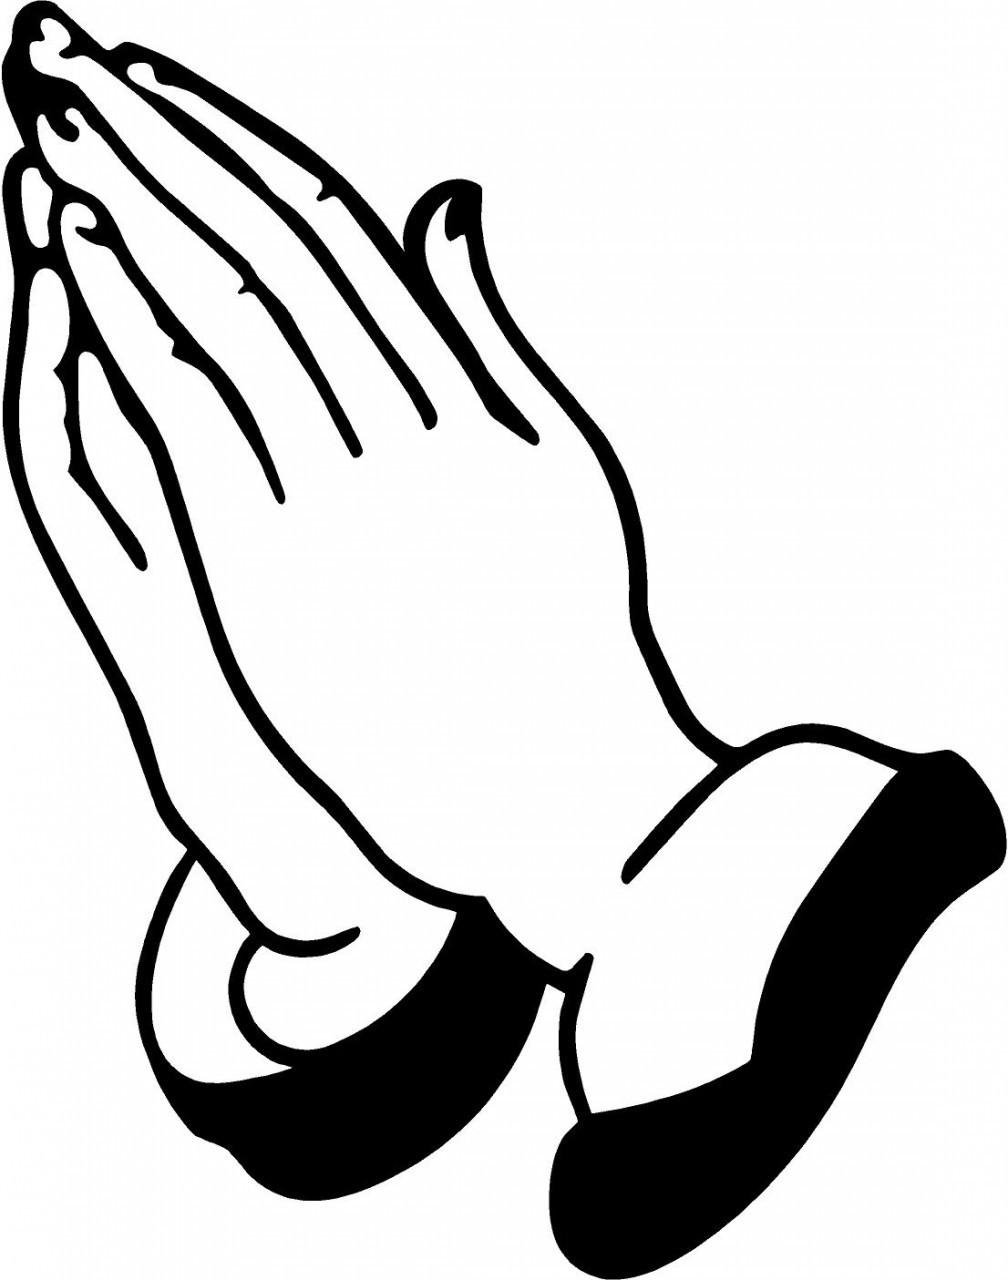 prayer hands clip art clipart best